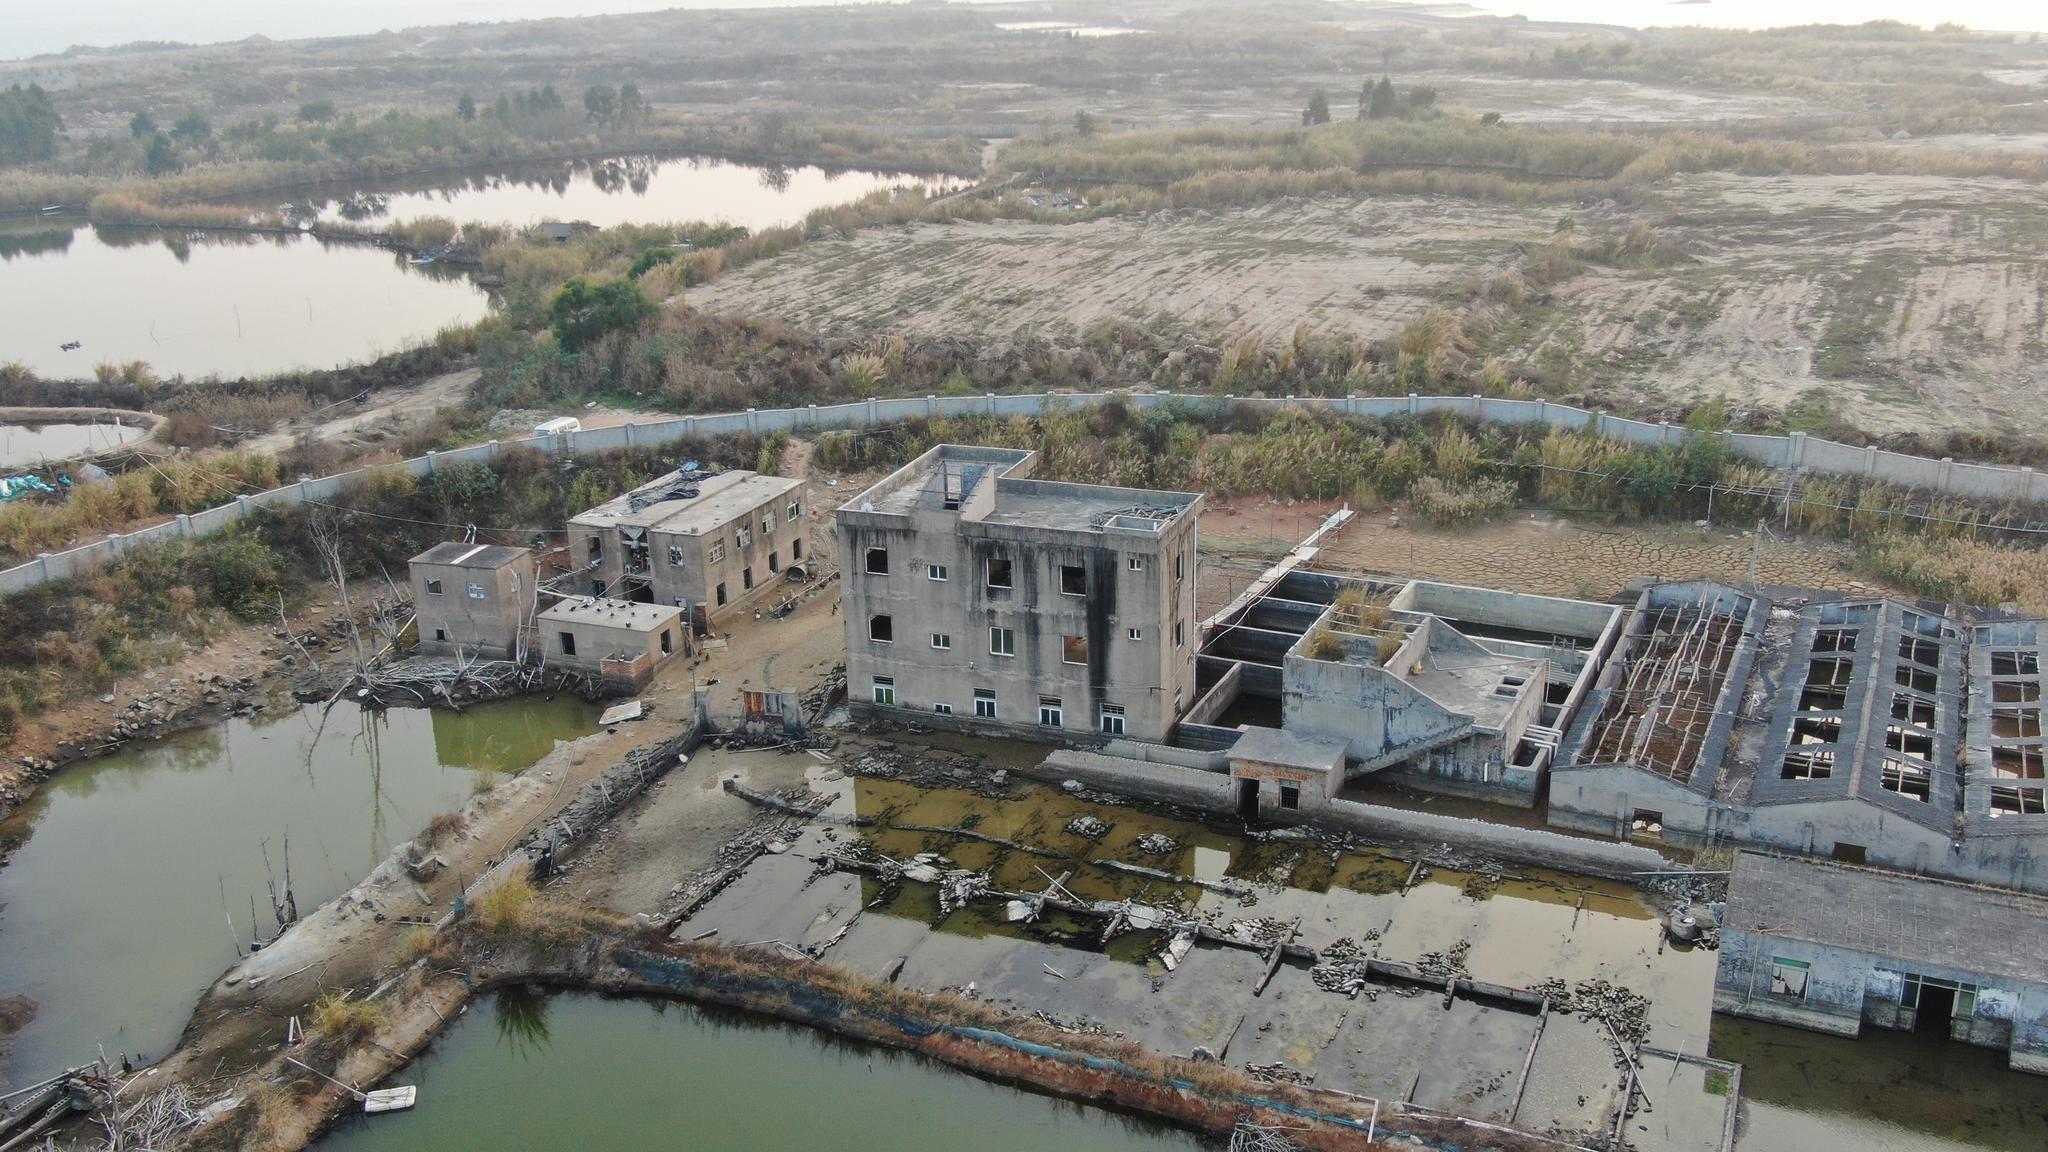 在福建厦门沿海边的一处荒岛,有的房子都泡在水里,还有住户吗